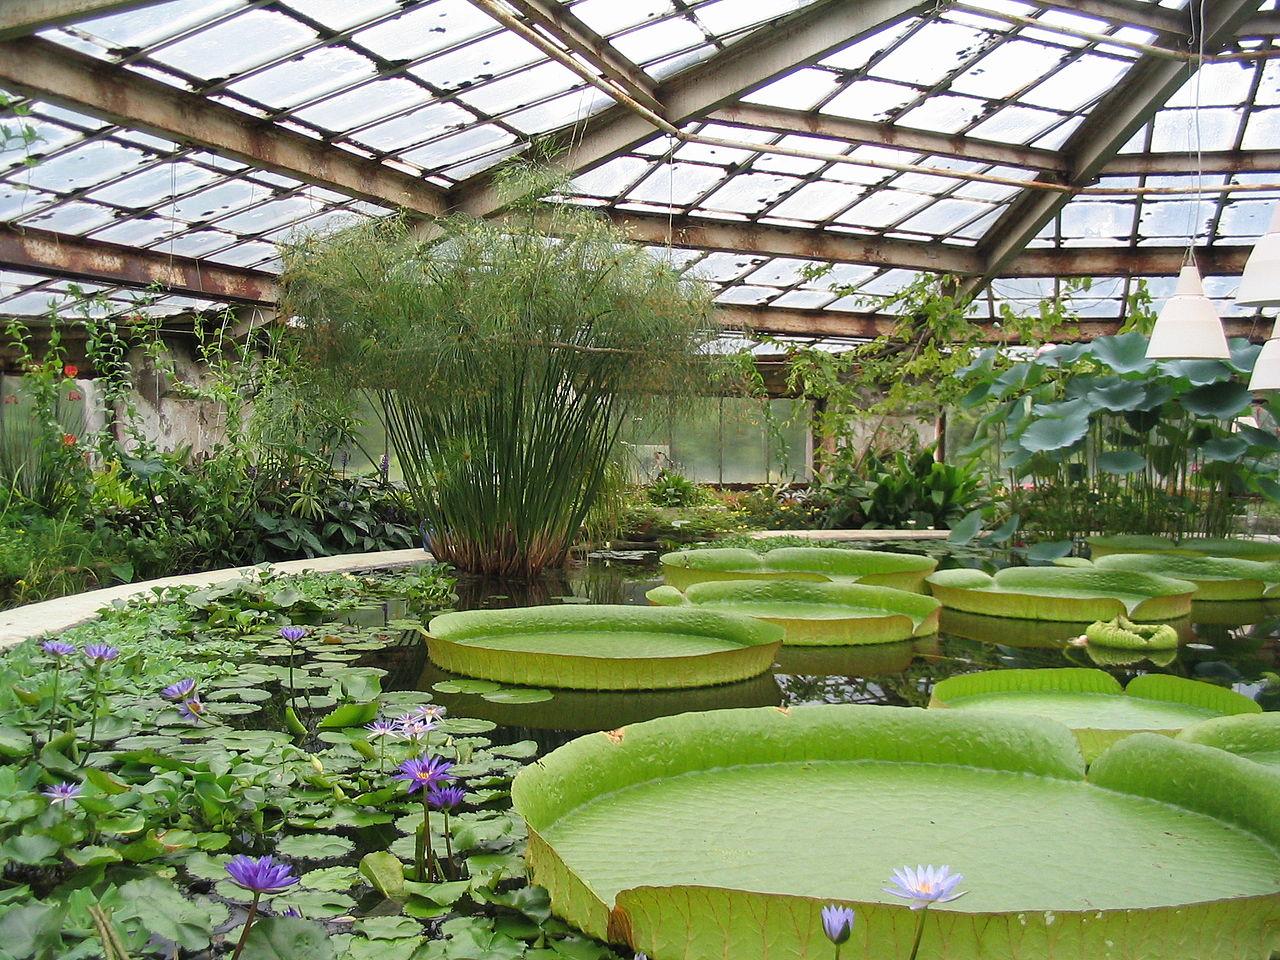 Ботанический сад, оранжерея водных растений. Автор фото: Владимир Иванов (Wikimedia Commons)